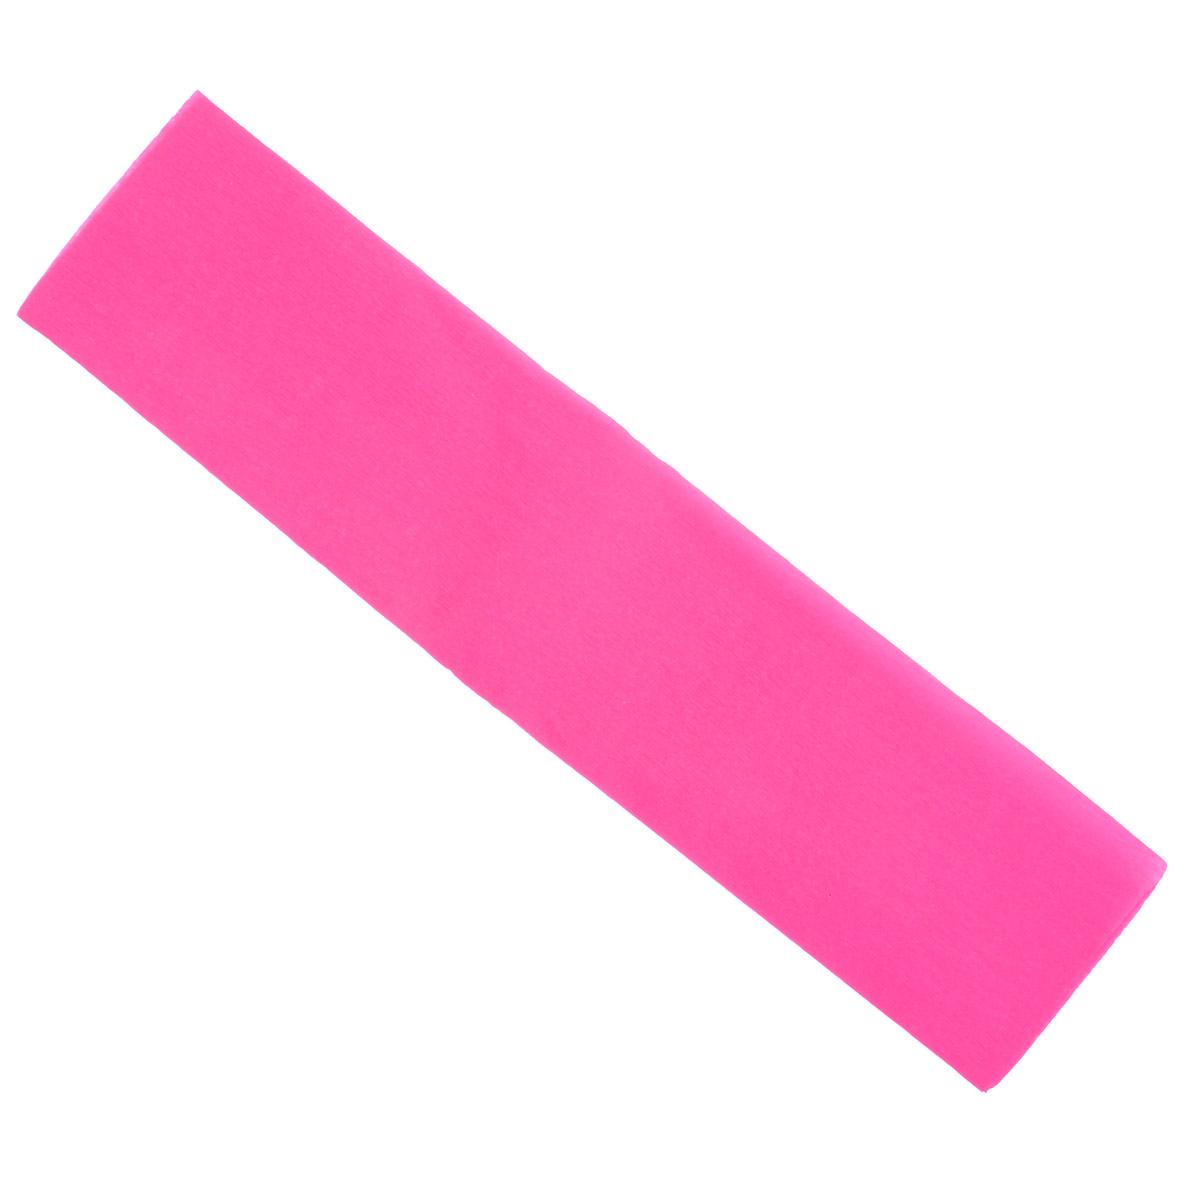 Крепированная бумага Hatber, флюоресцентная, цвет: розовый, 5 см х 25 см11-410-74Цветная флюоресцентная бумага Hatber - отличный вариант для развития творчества вашего ребенка. Бумага с фактурным покрытием очень гибкая и мягкая, из нее можно создавать чудесные аппликации, игрушки, подарки и объемные поделки. Цветная флюоресцентная бумага Hatber способствует развитию фантазии, цветовосприятия и мелкой моторики рук. Размер бумаги - 5 см х 25 см.